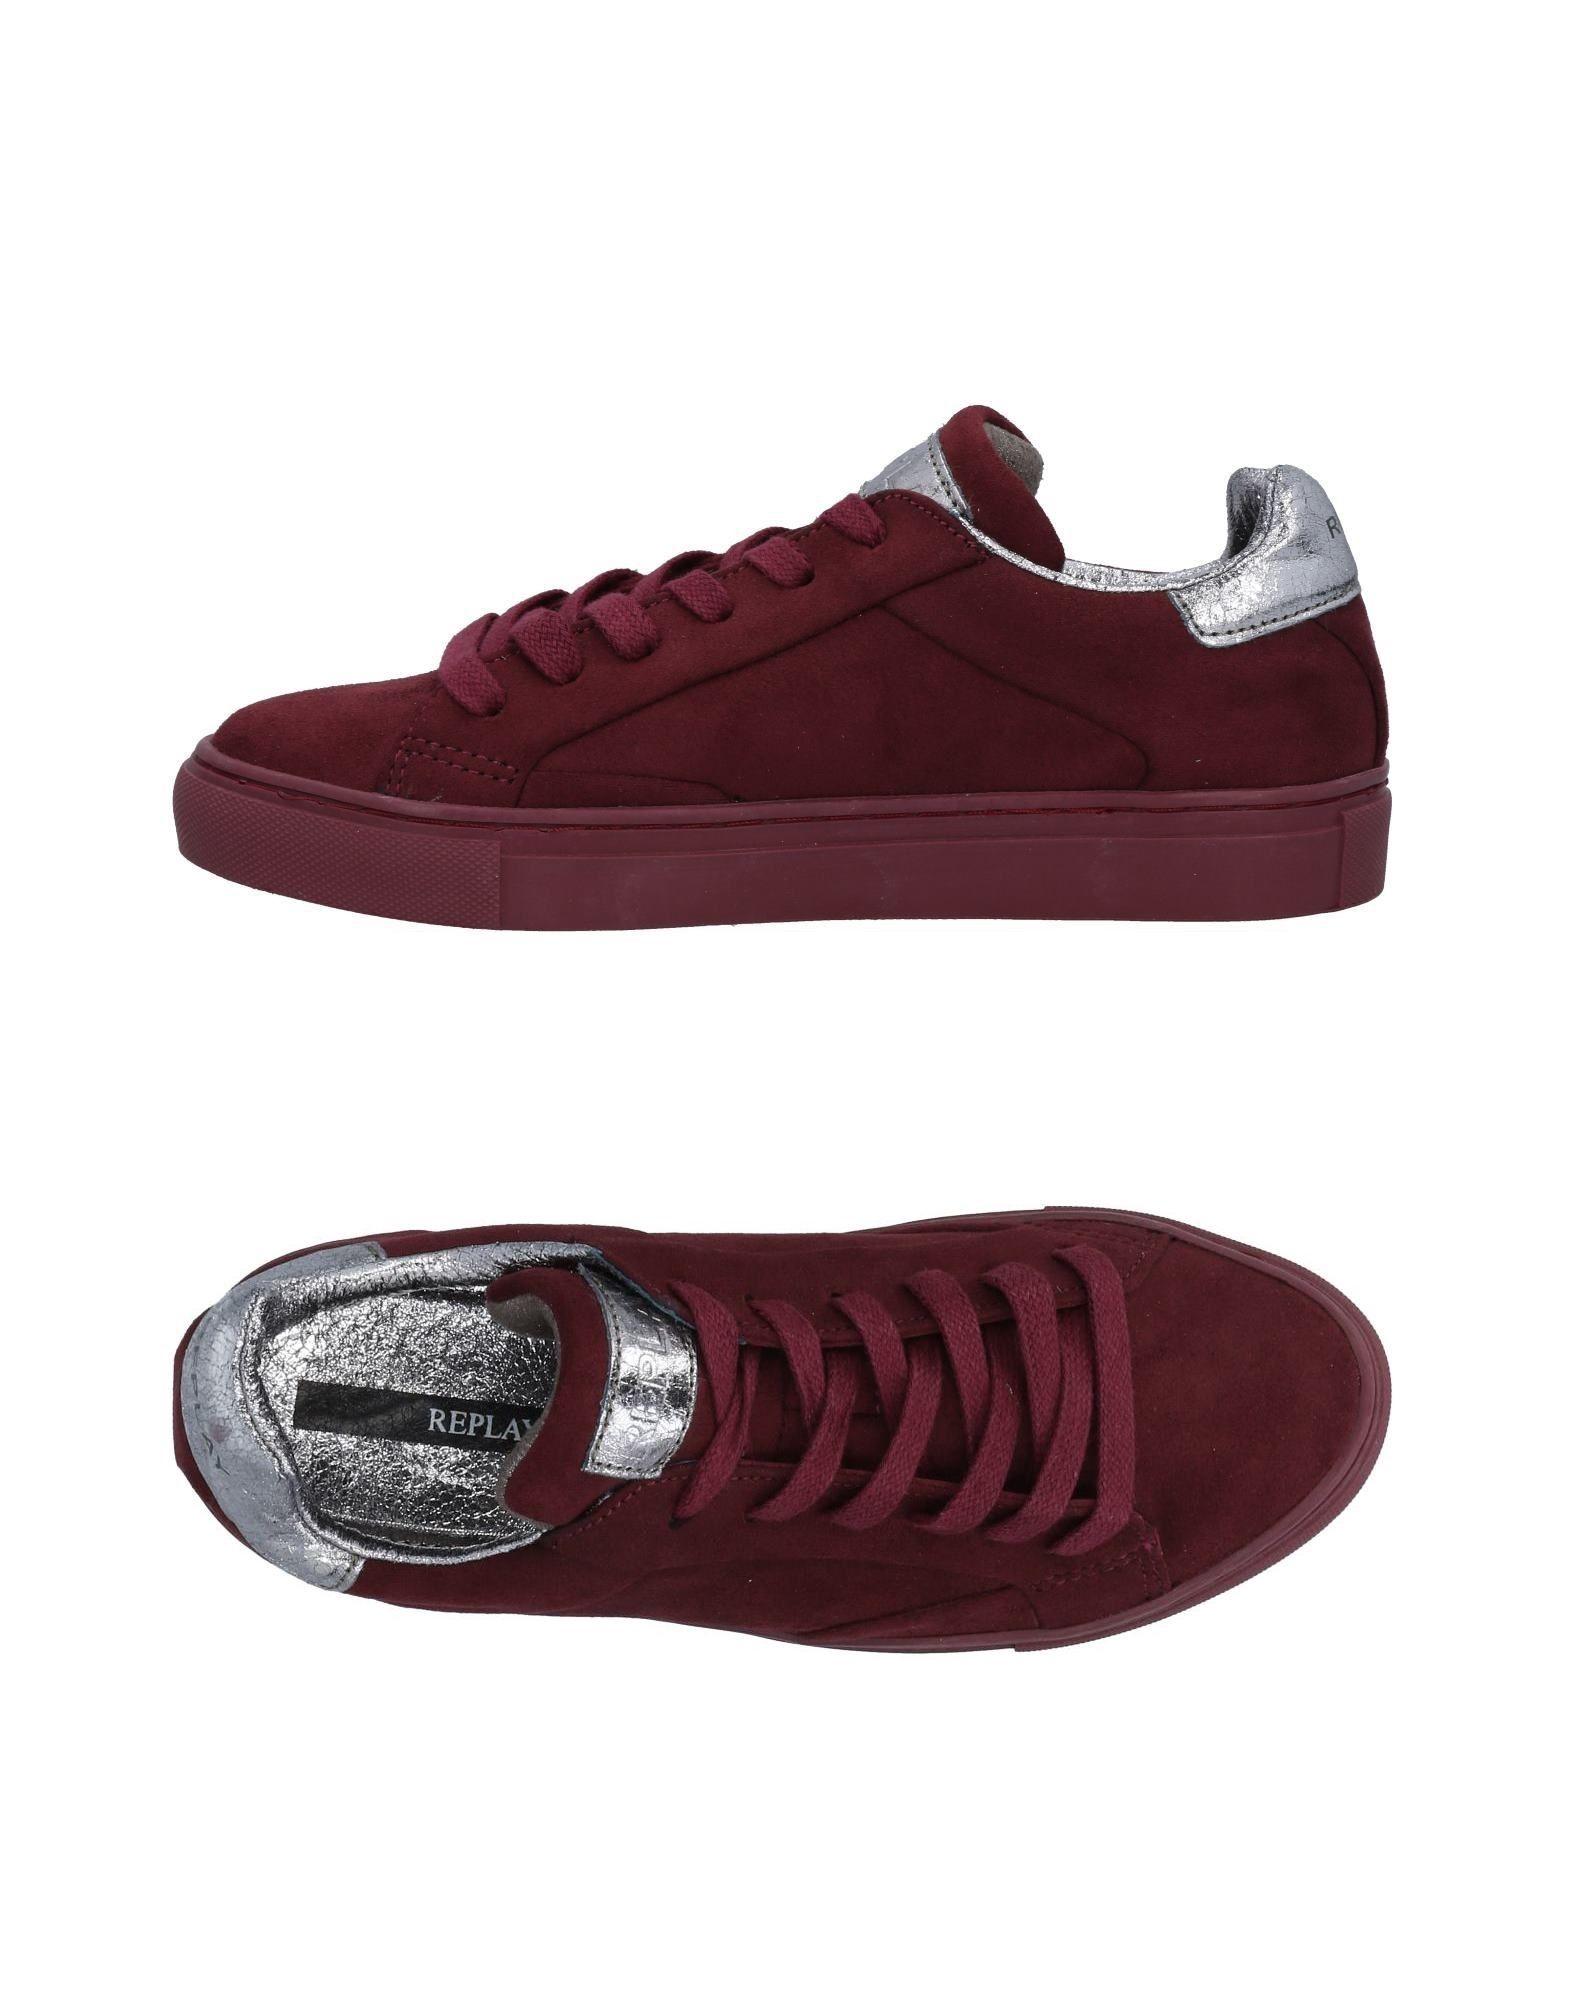 Replay Heiße Sneakers Damen  11493199QB Heiße Replay Schuhe 3d288b